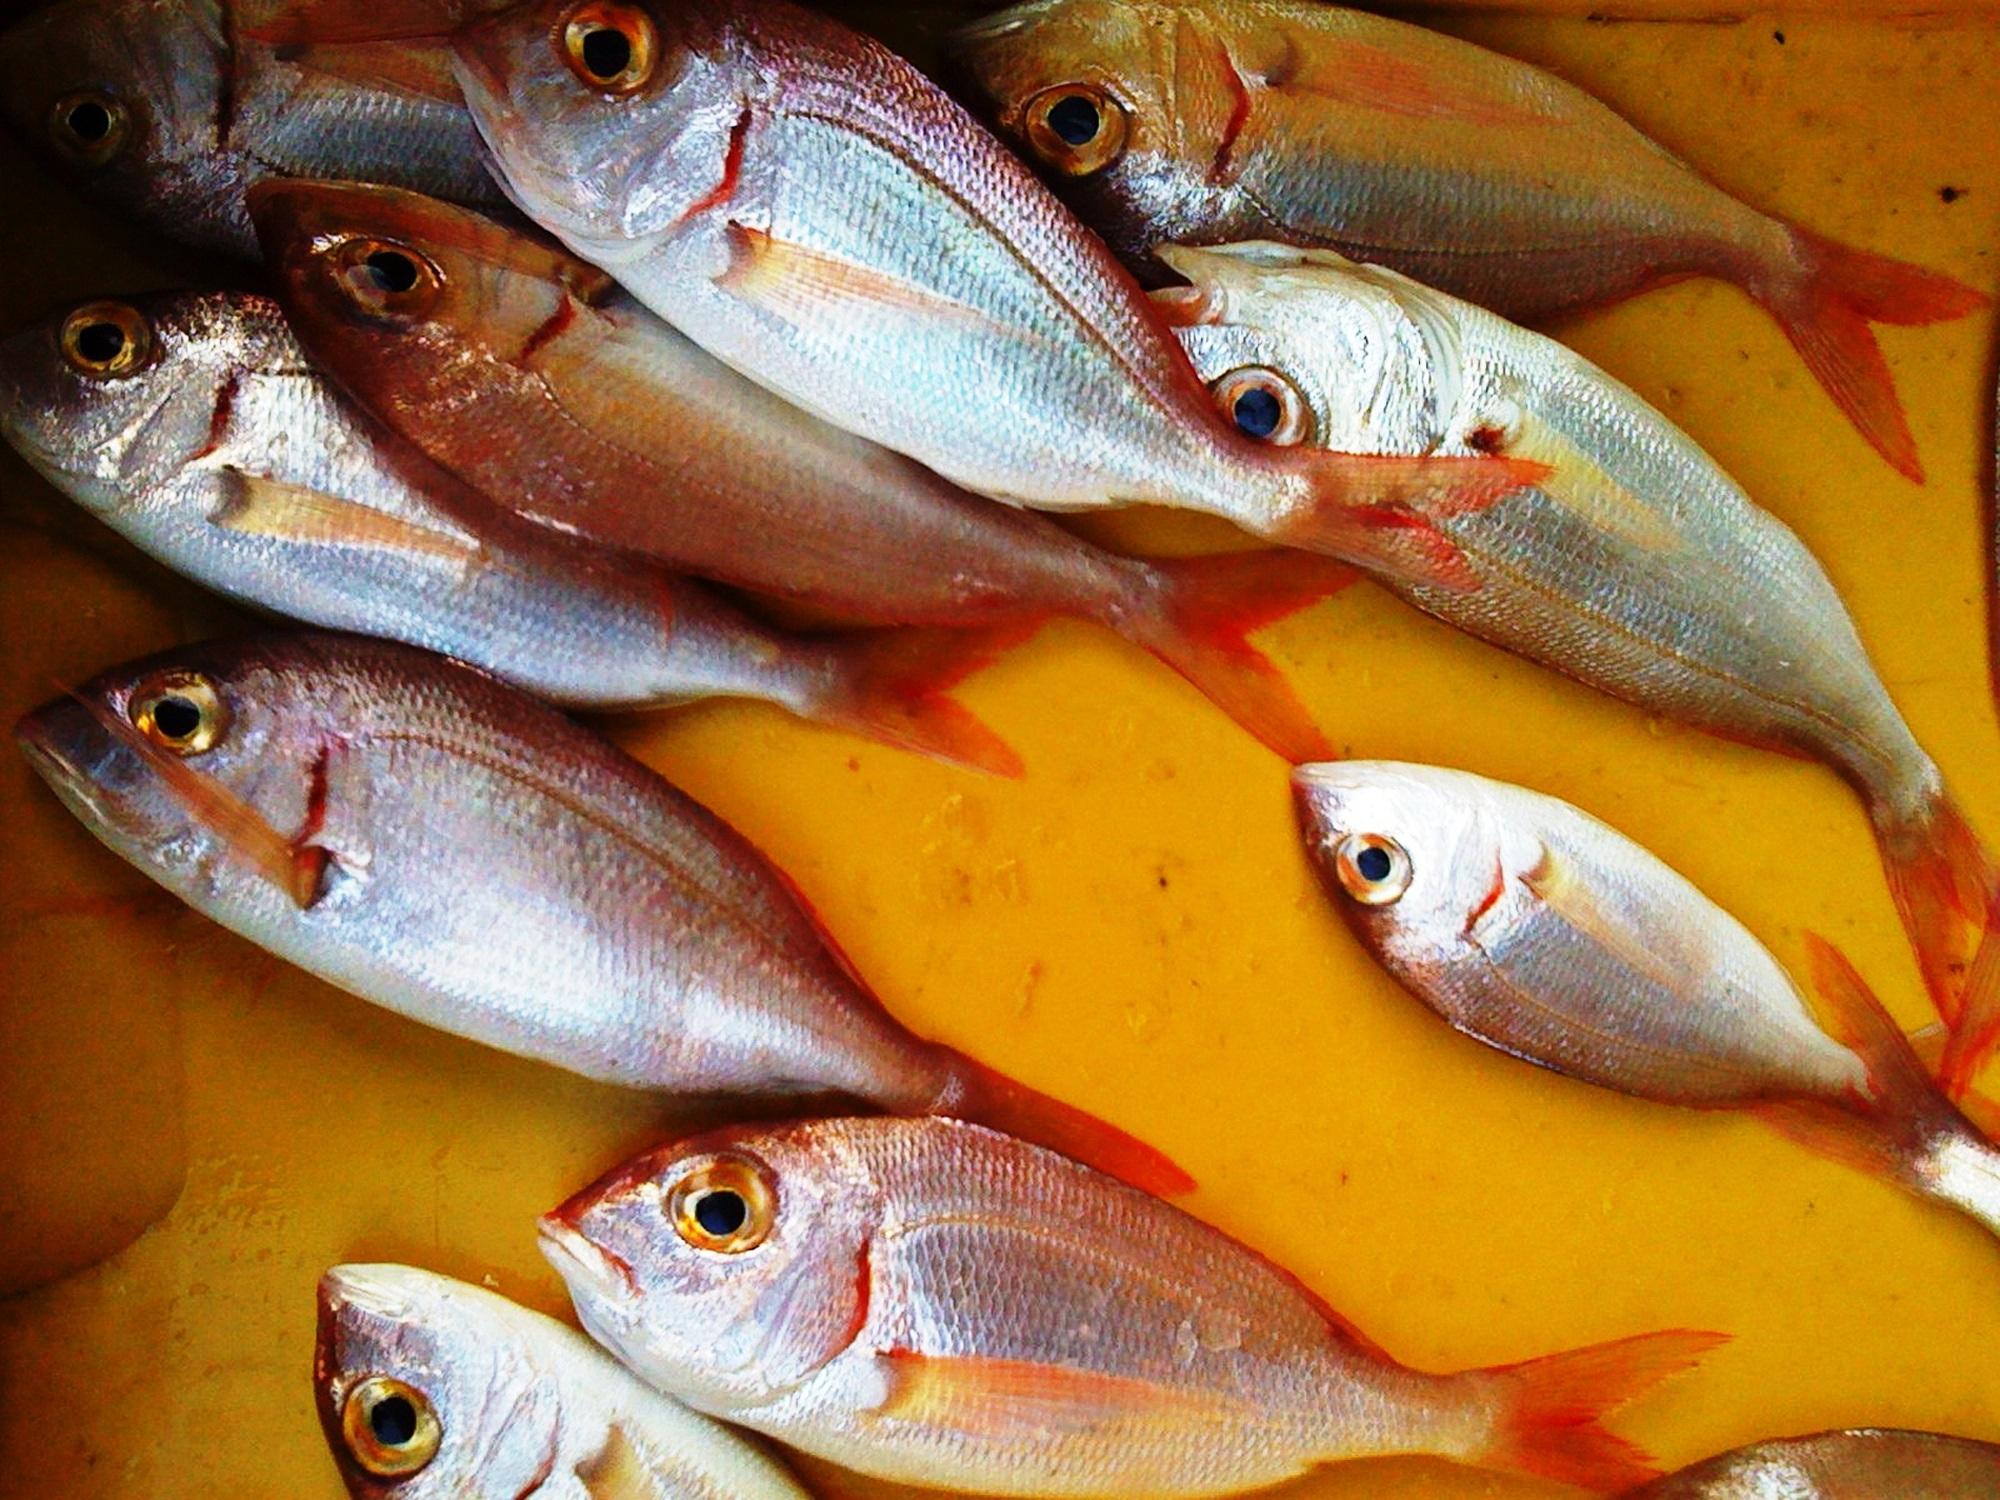 Fotoğraf Gıda Levrek Deniz ürünleri Italya Natürmort Boyama